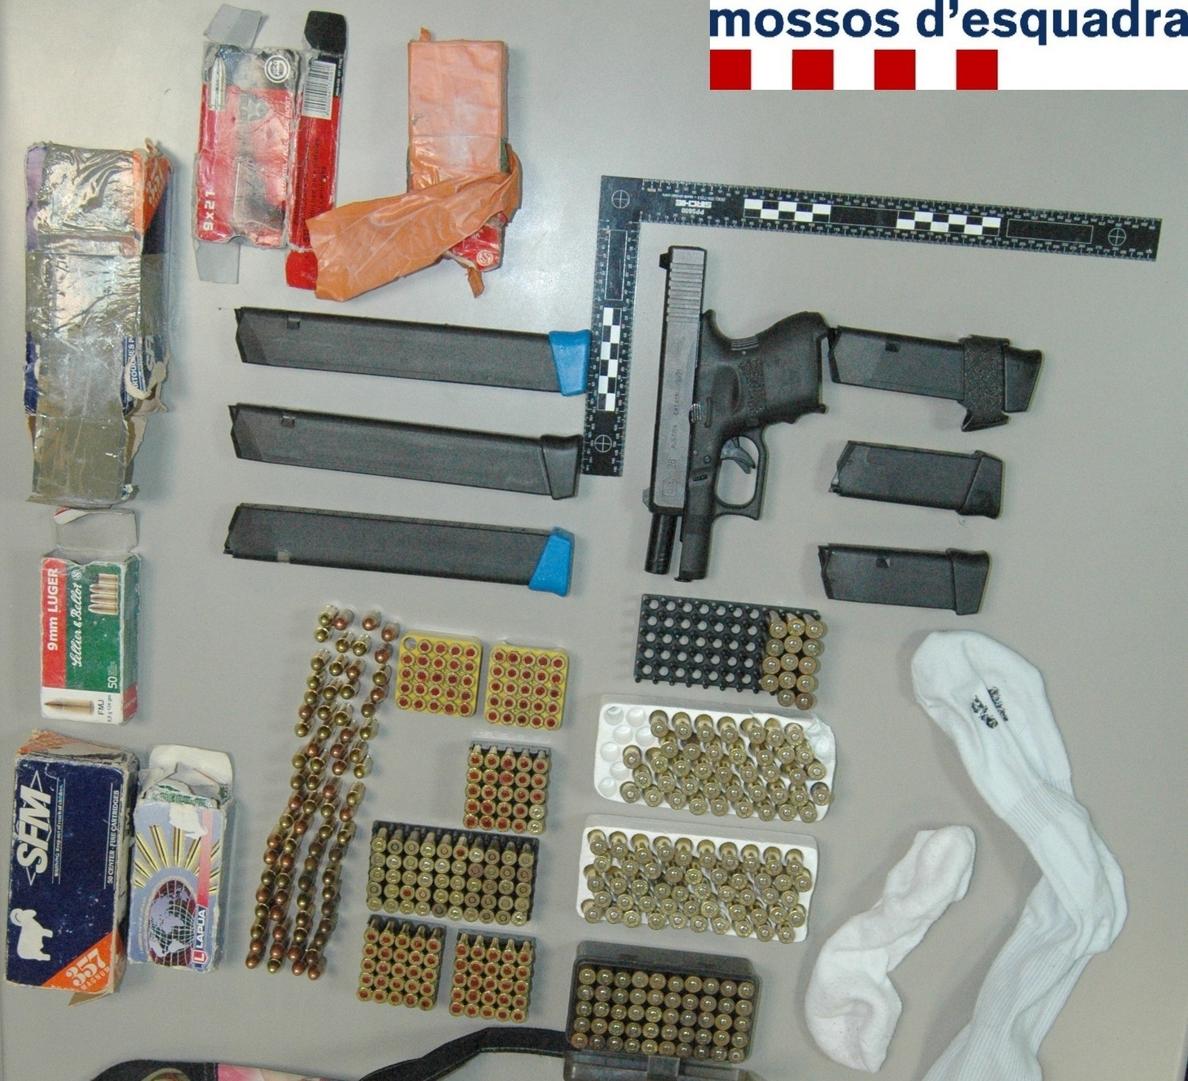 Detenido un hombre en Figueres con una pistola semiautomática y munición